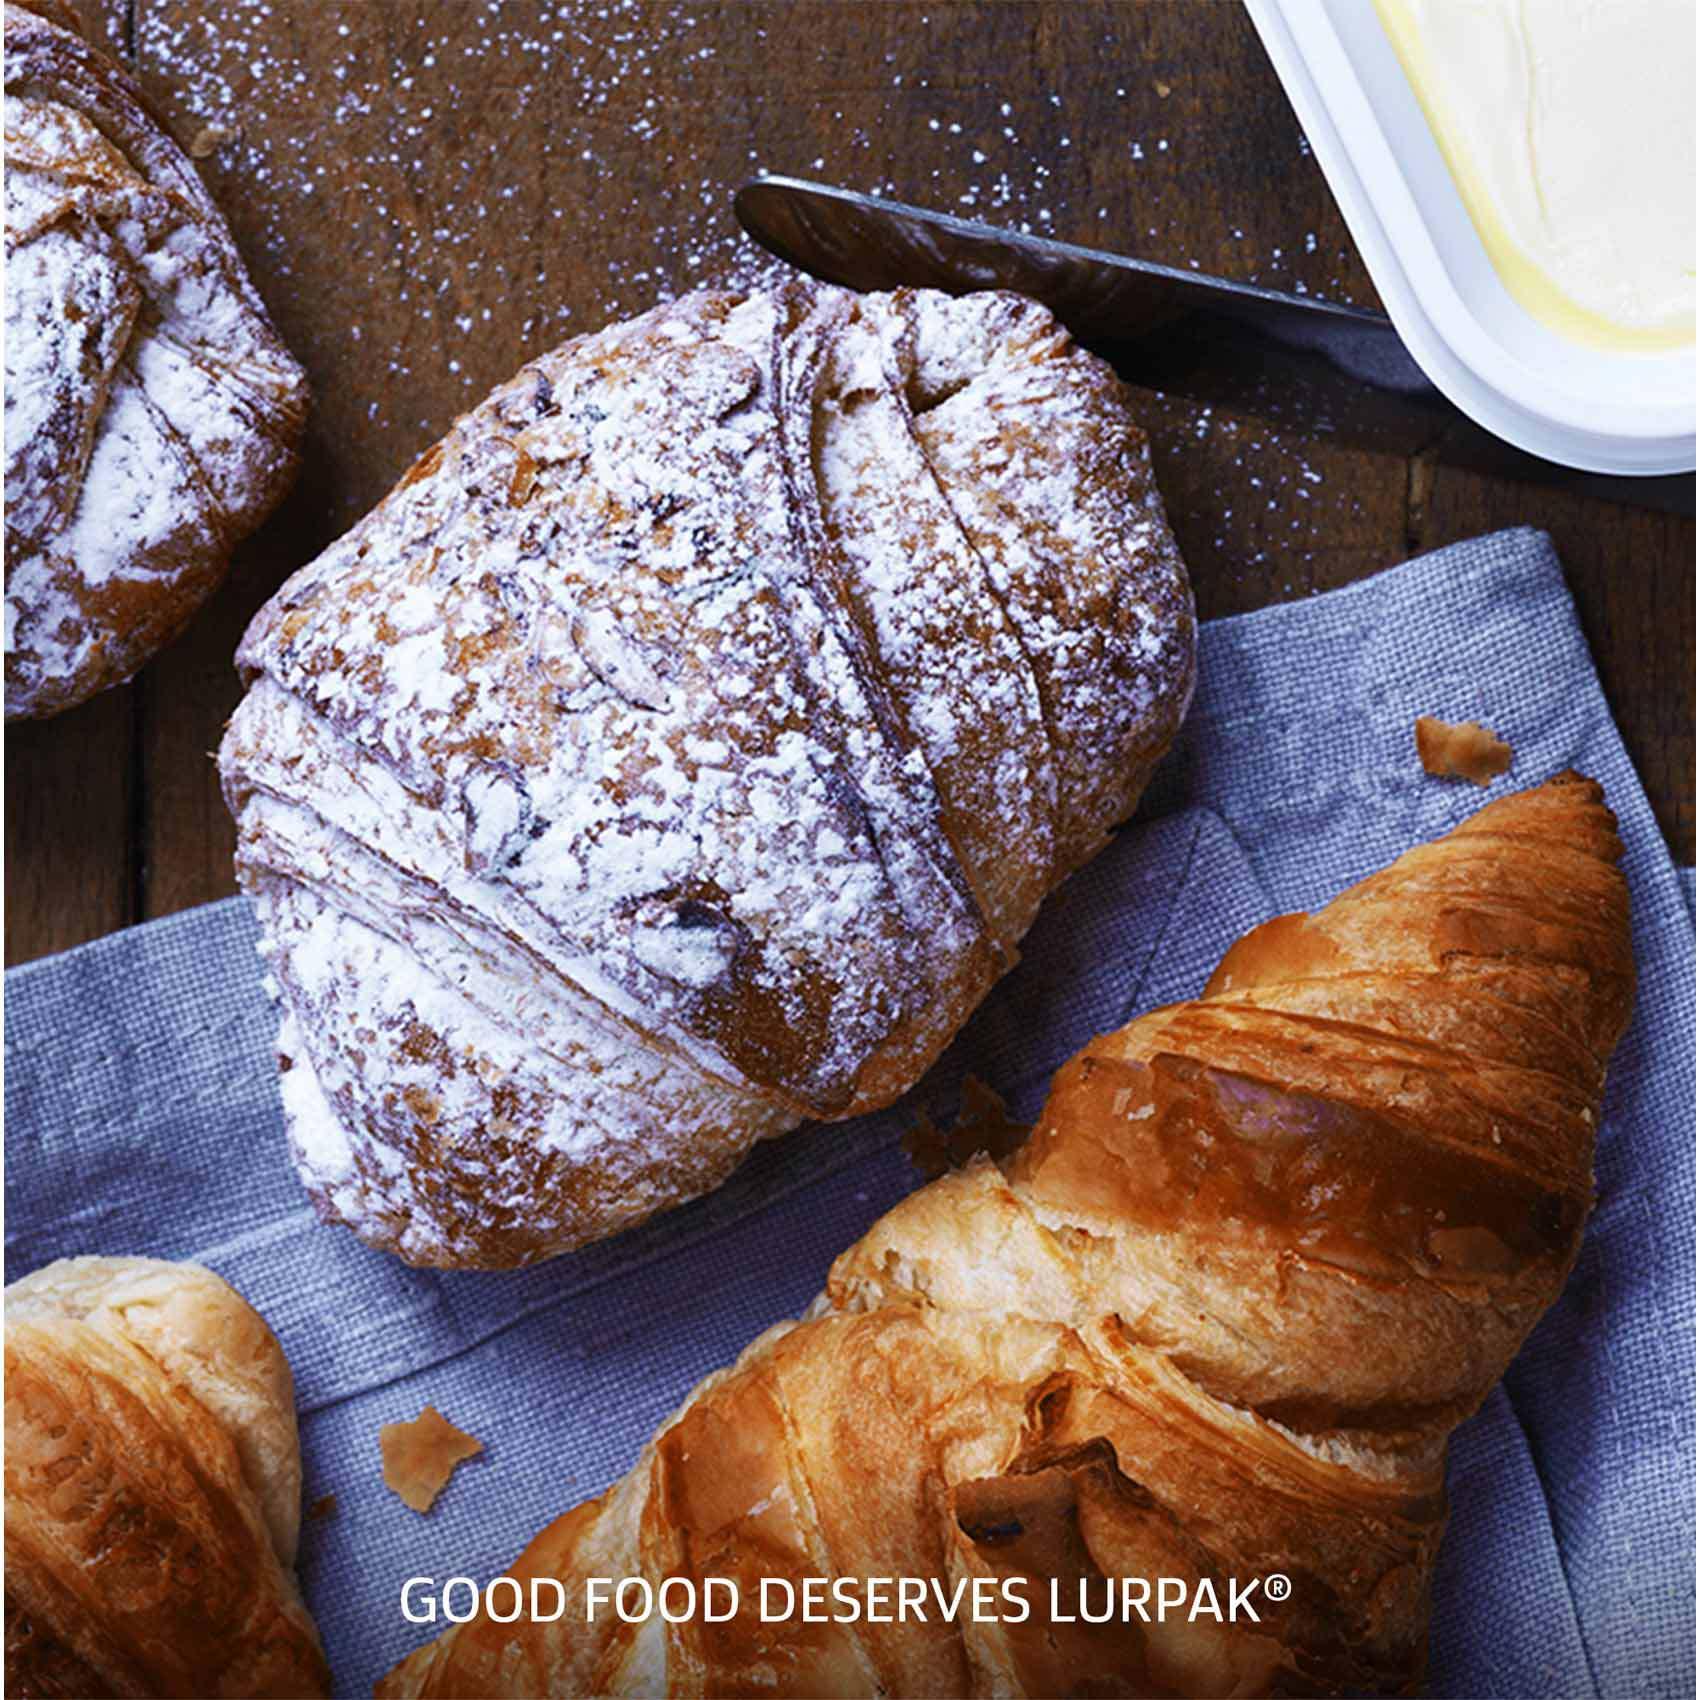 Lurpak Spreadable Butter Light Olive Oil 250g